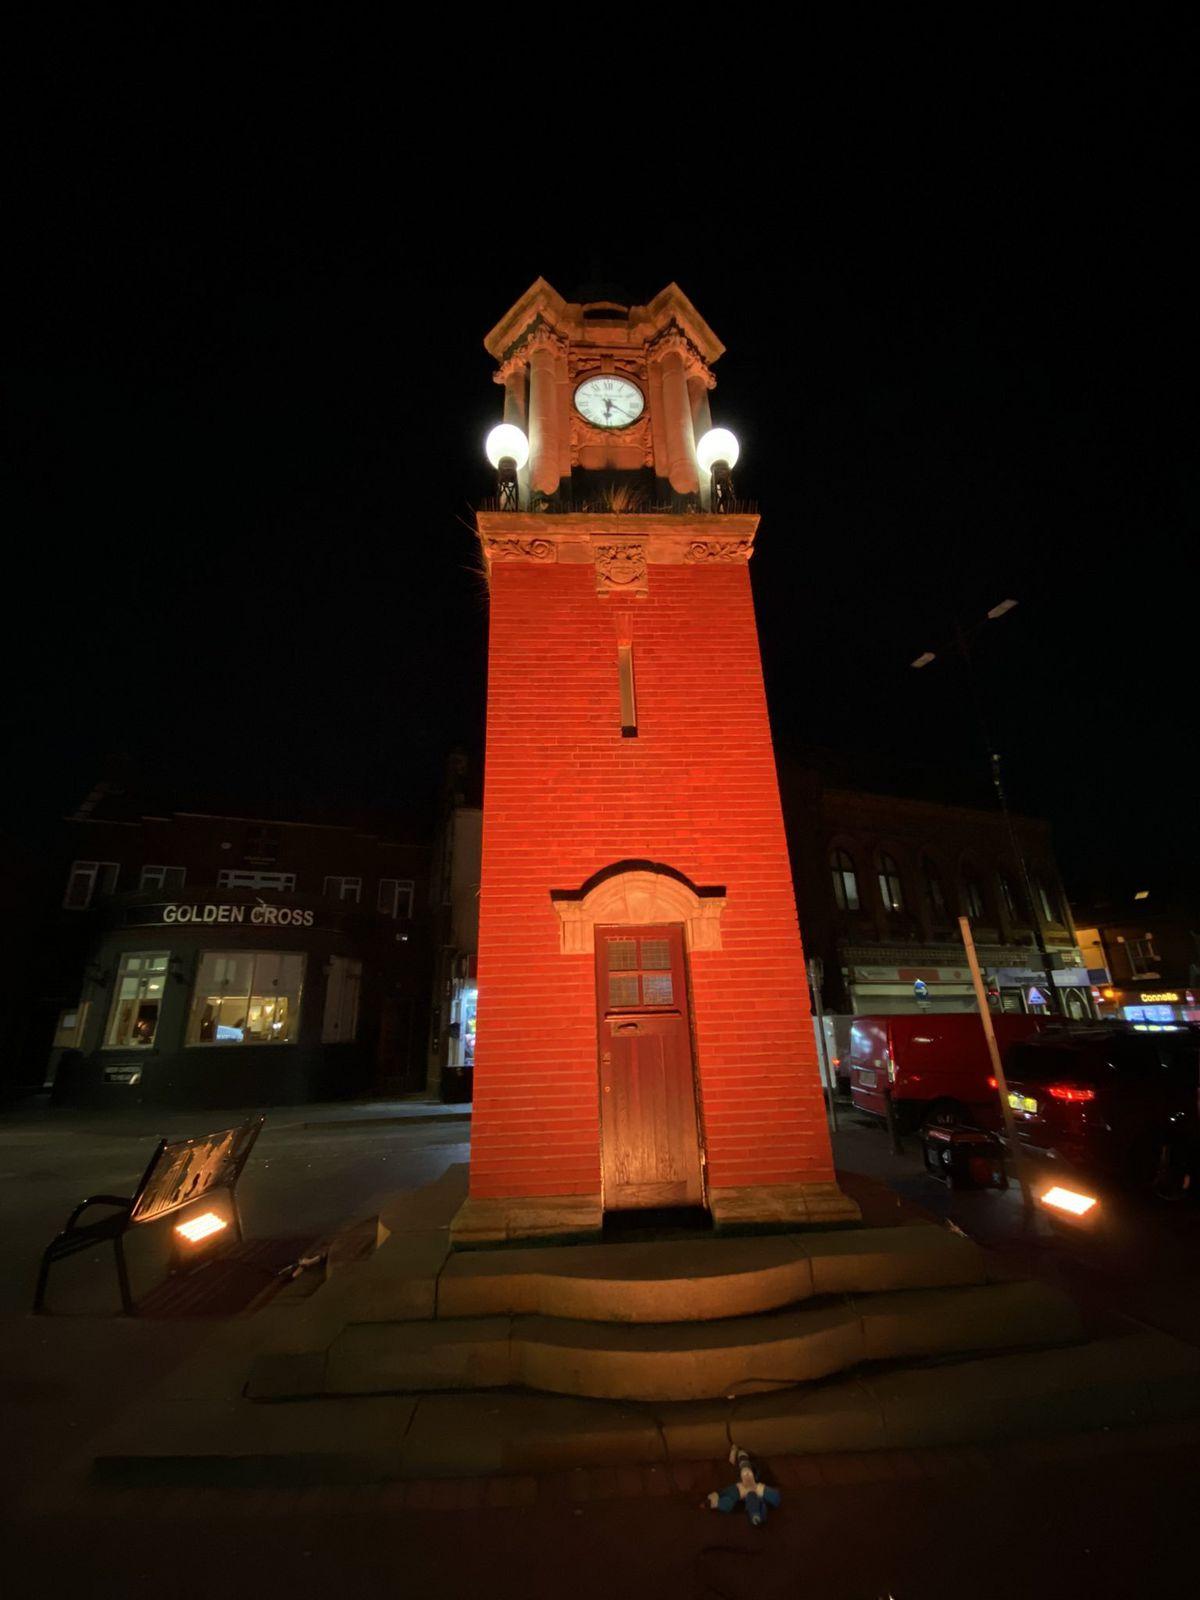 Wednesbury Clock Tower. Photo: John Kennett